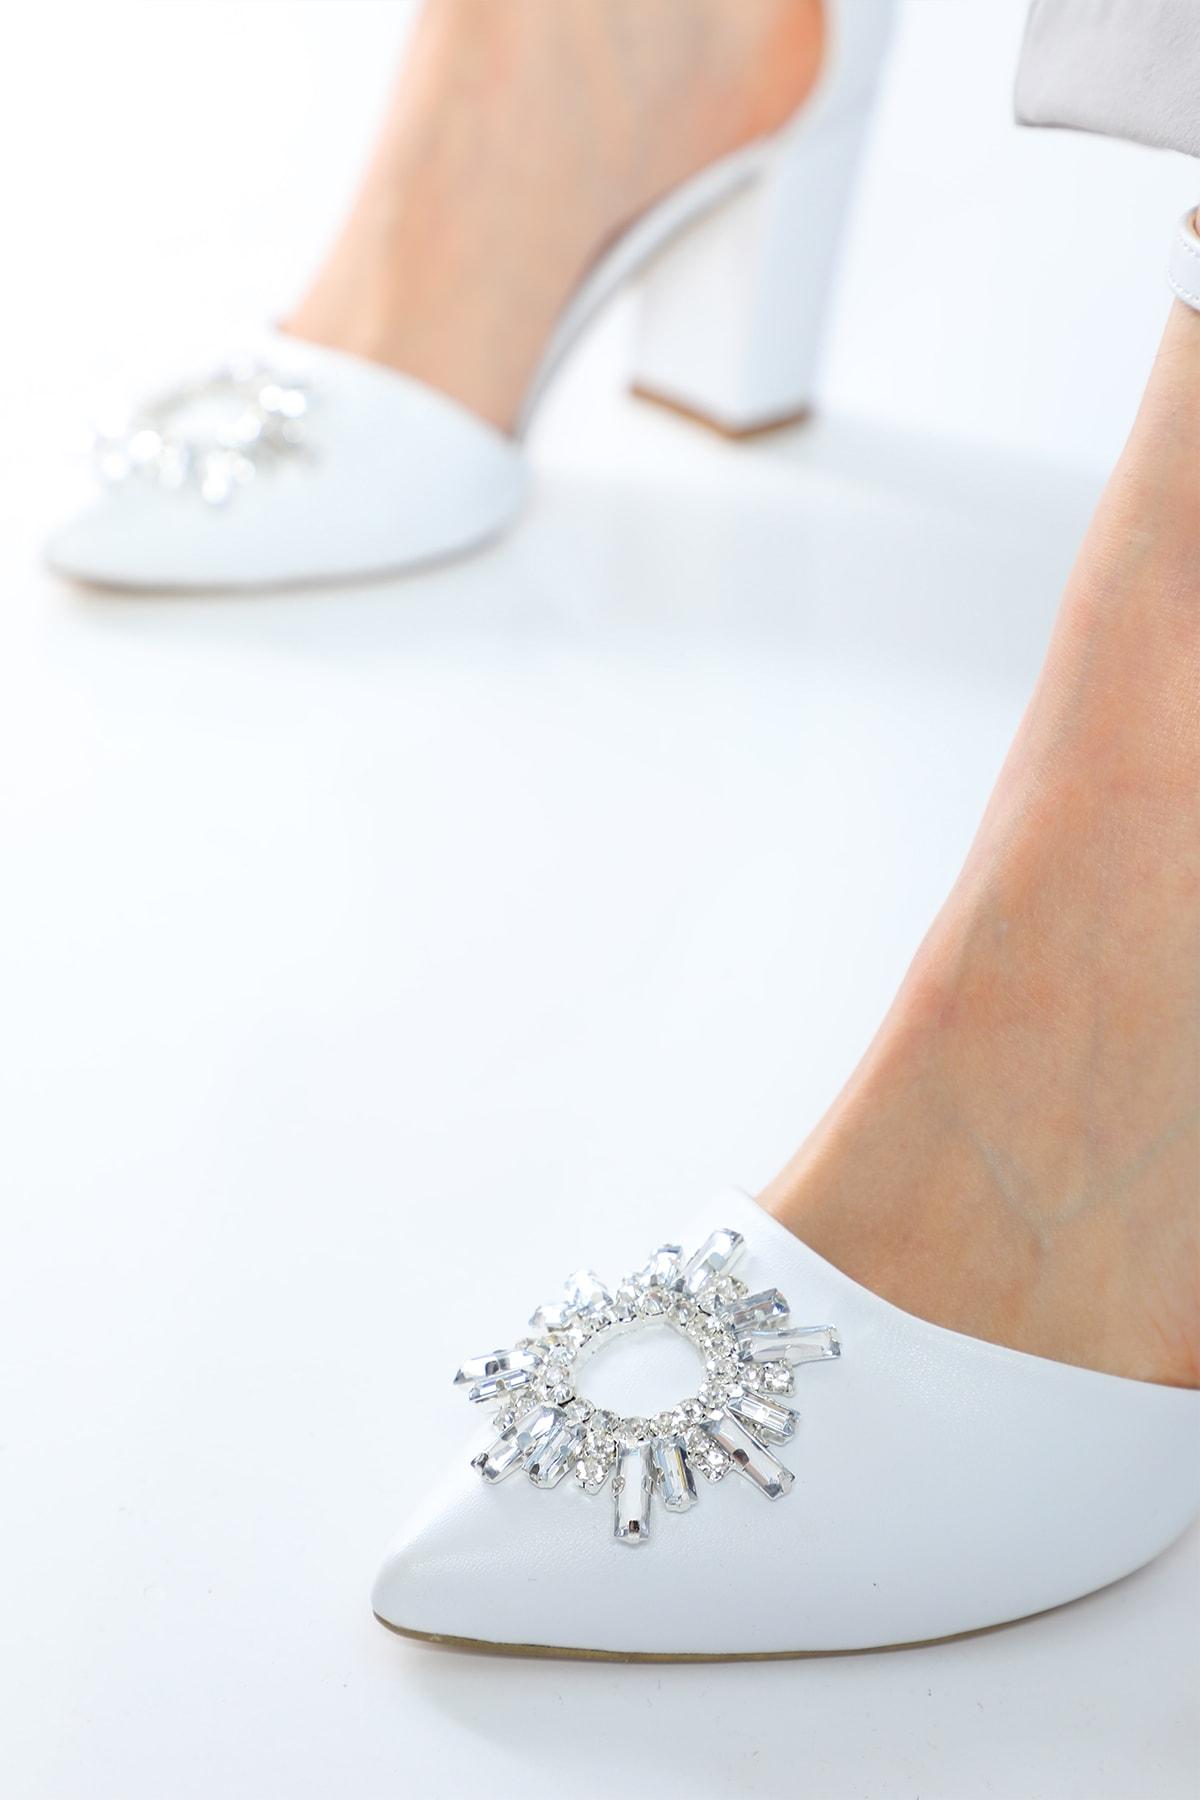 Nizar Deniz Maureen Beyaz Mat  Sivri 8cm Kristal Taşlı Kalın Topuklu Kadın Ayakkabı 1